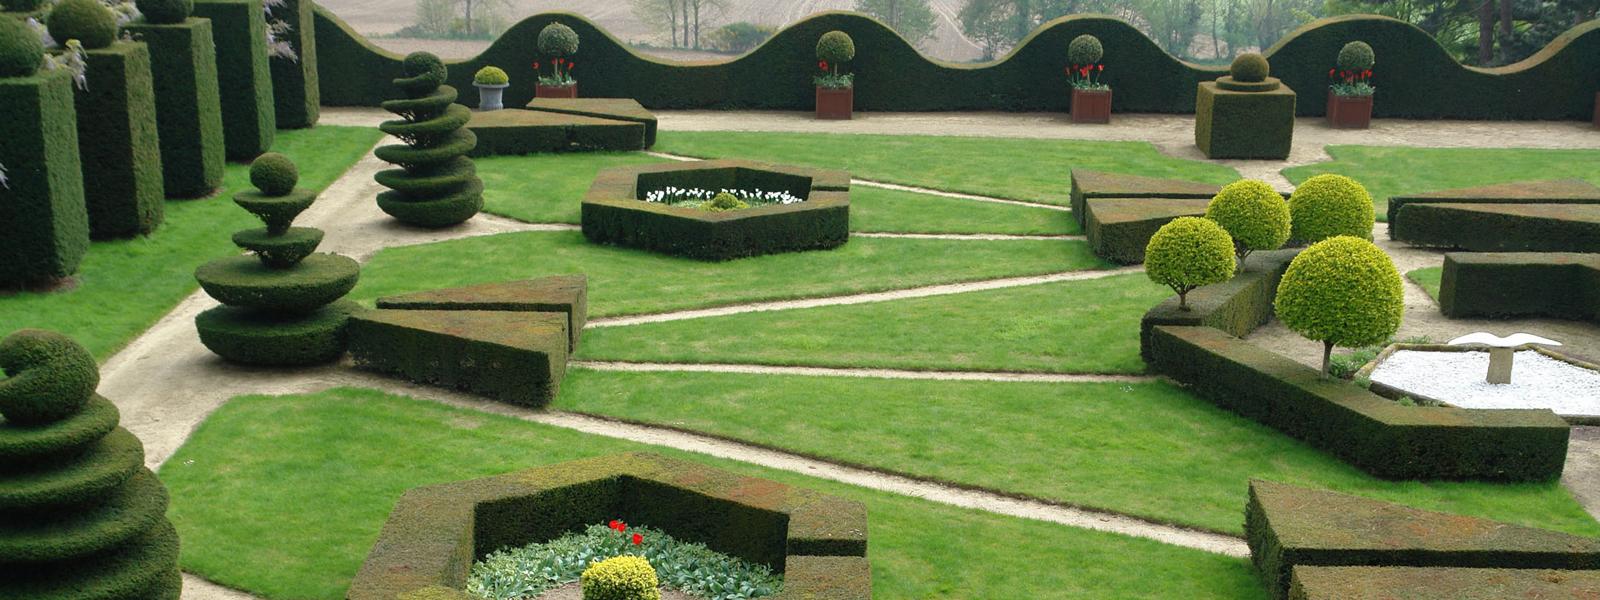 chateau-et-jardins-de-la-ballue-le-jardin-regulier11